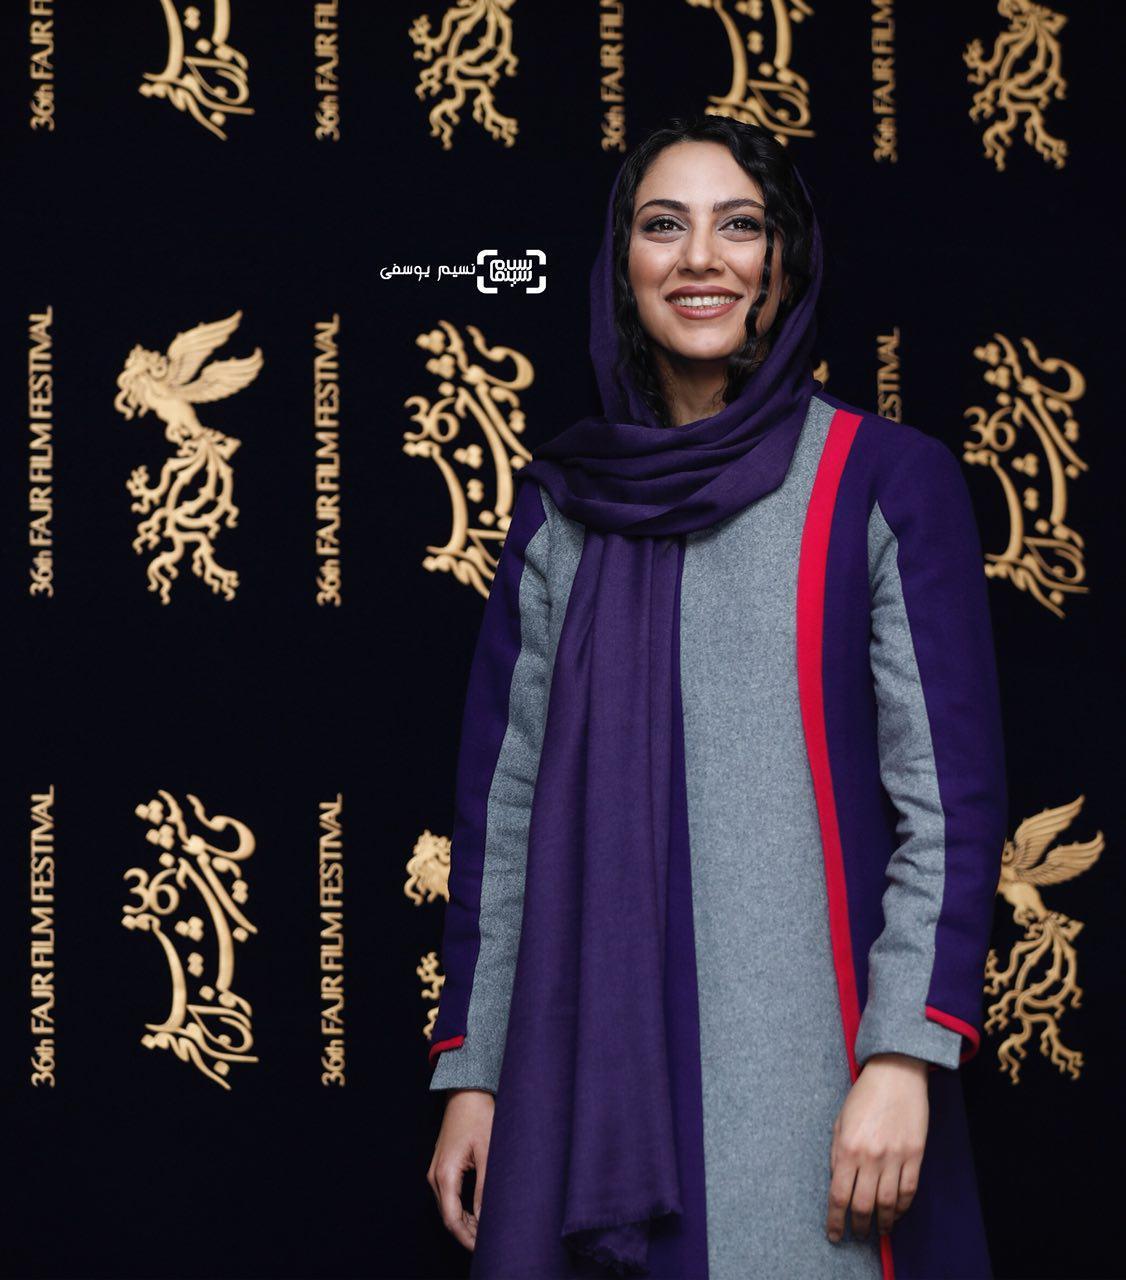 مونا فرجاد  در اکران فیلم «ماهورا» در سی و ششمین جشنواره فیلم فجر